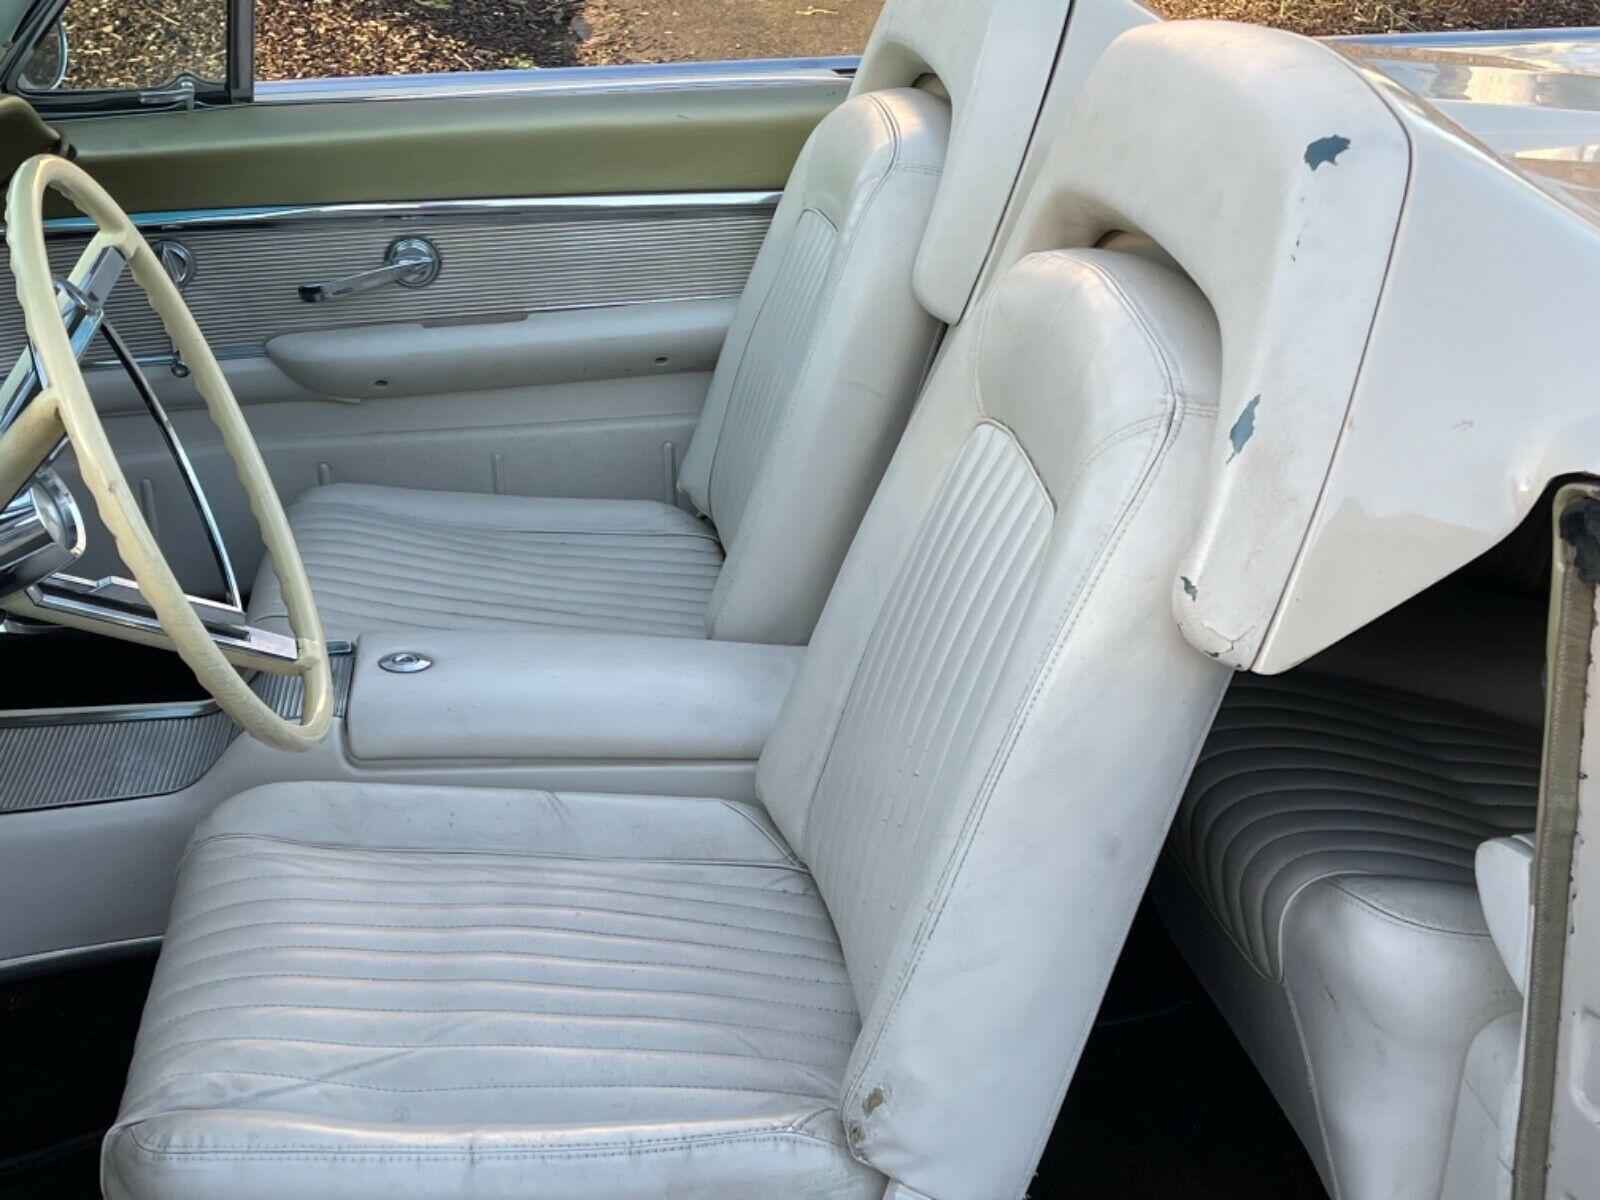 Ford Thunderbird 1962 nguyên bản xuất hiện sau 22 năm - Ảnh 5.